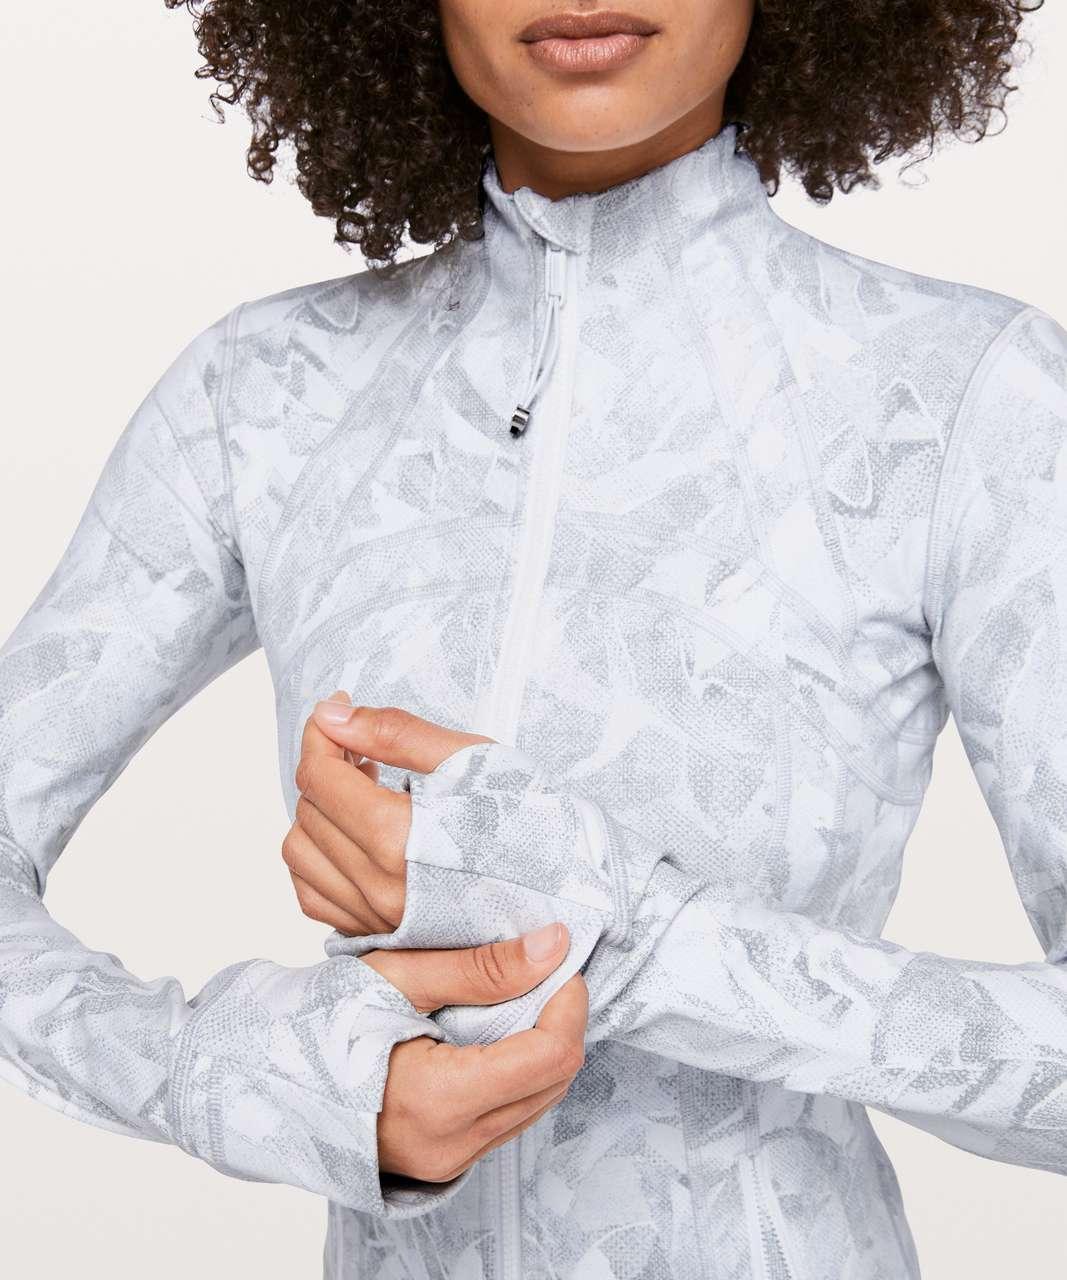 Lululemon Define Jacket - Jasmine White Multi